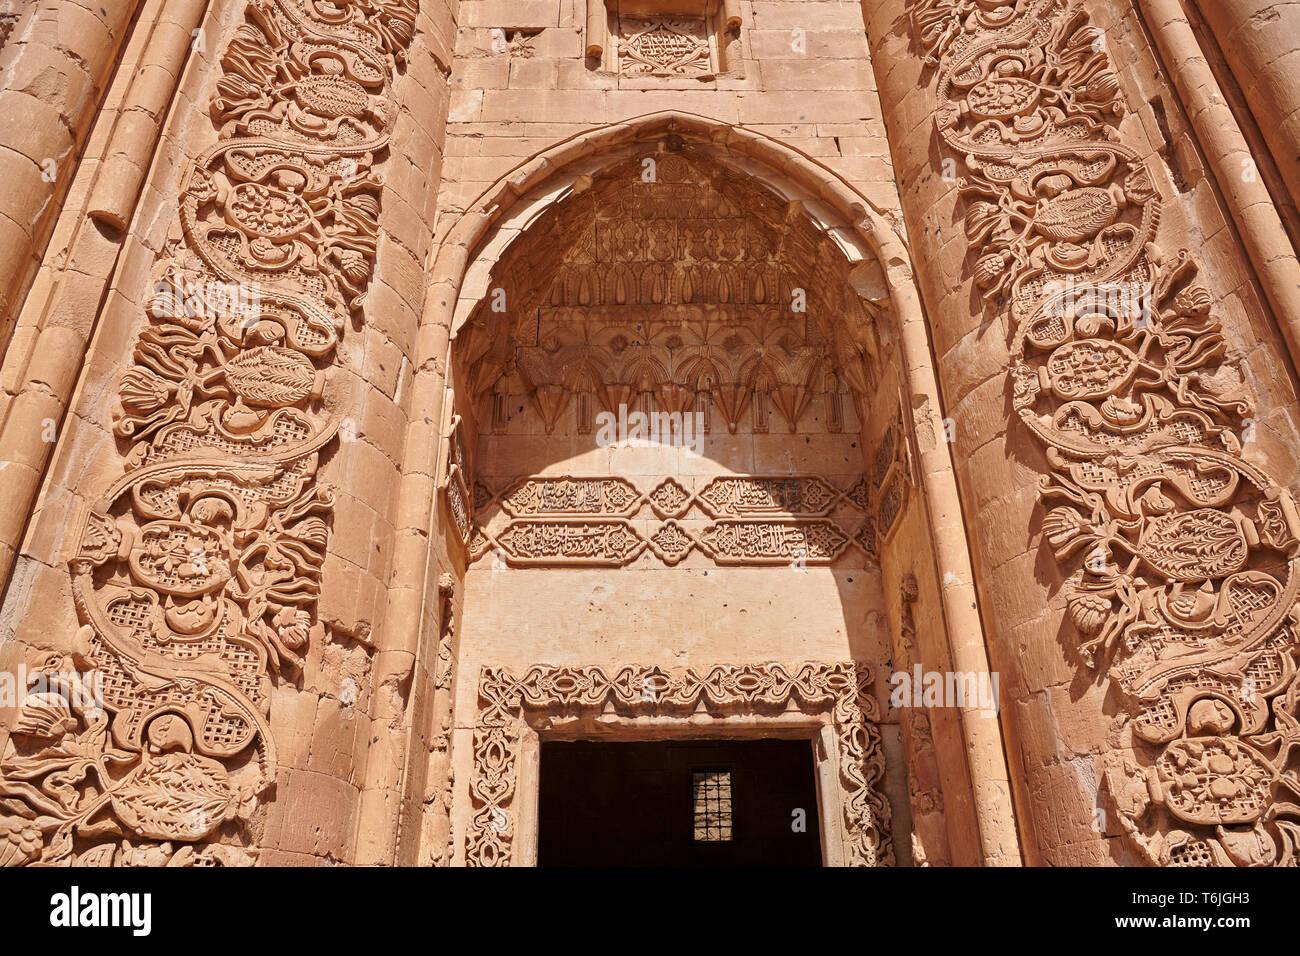 Patio y entrada al mausoleo de la arquitectura Otomana del siglo XVIII del Palacio Ishak Pasha Turquía Imagen De Stock